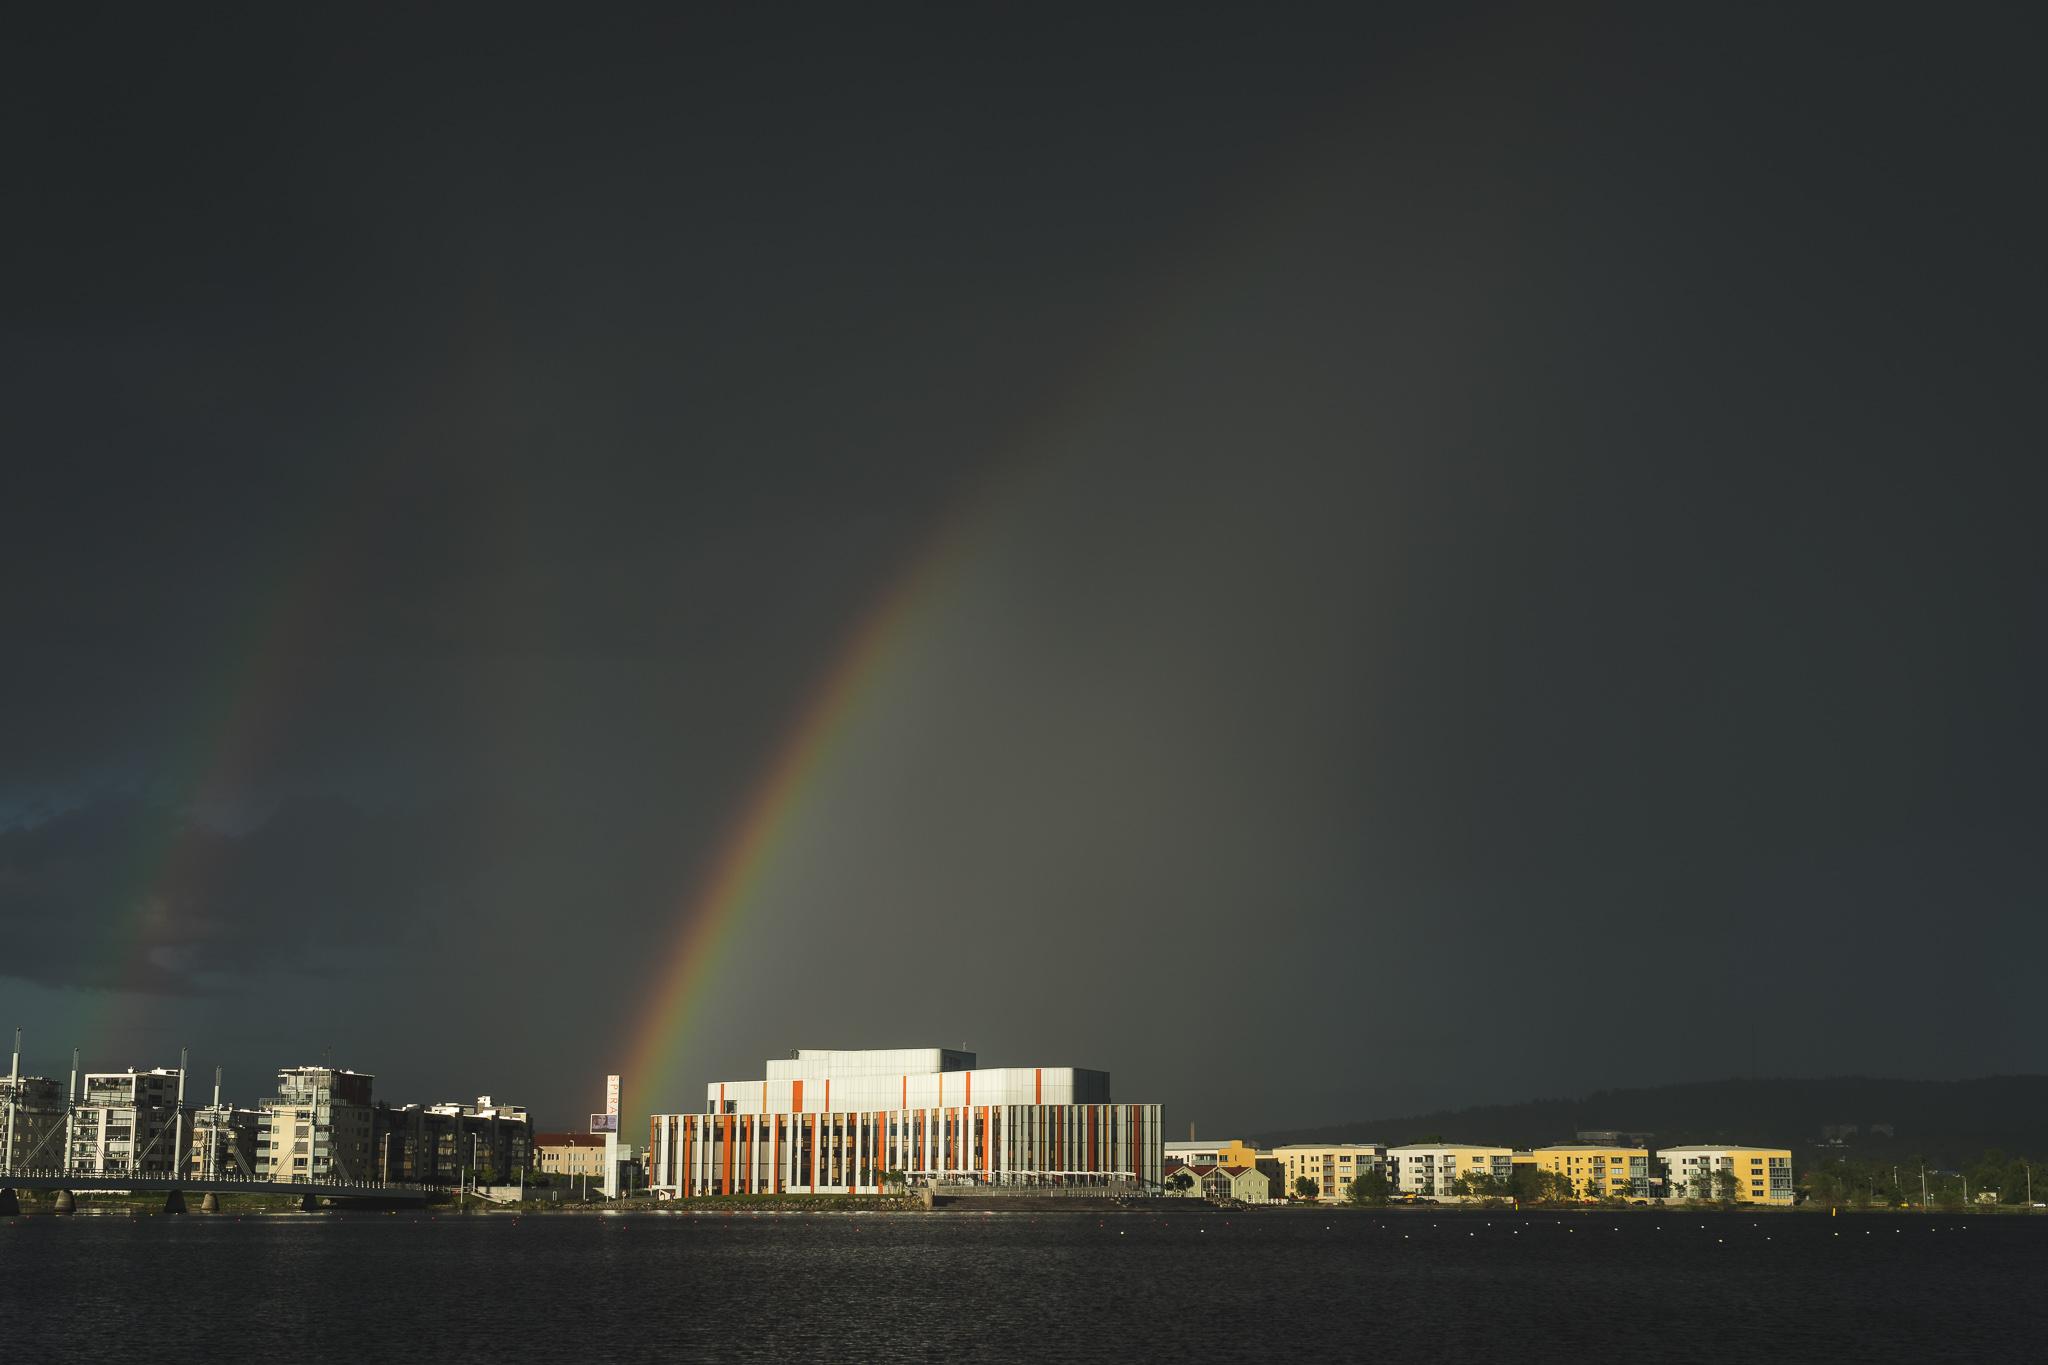 double rainbow - 20140615